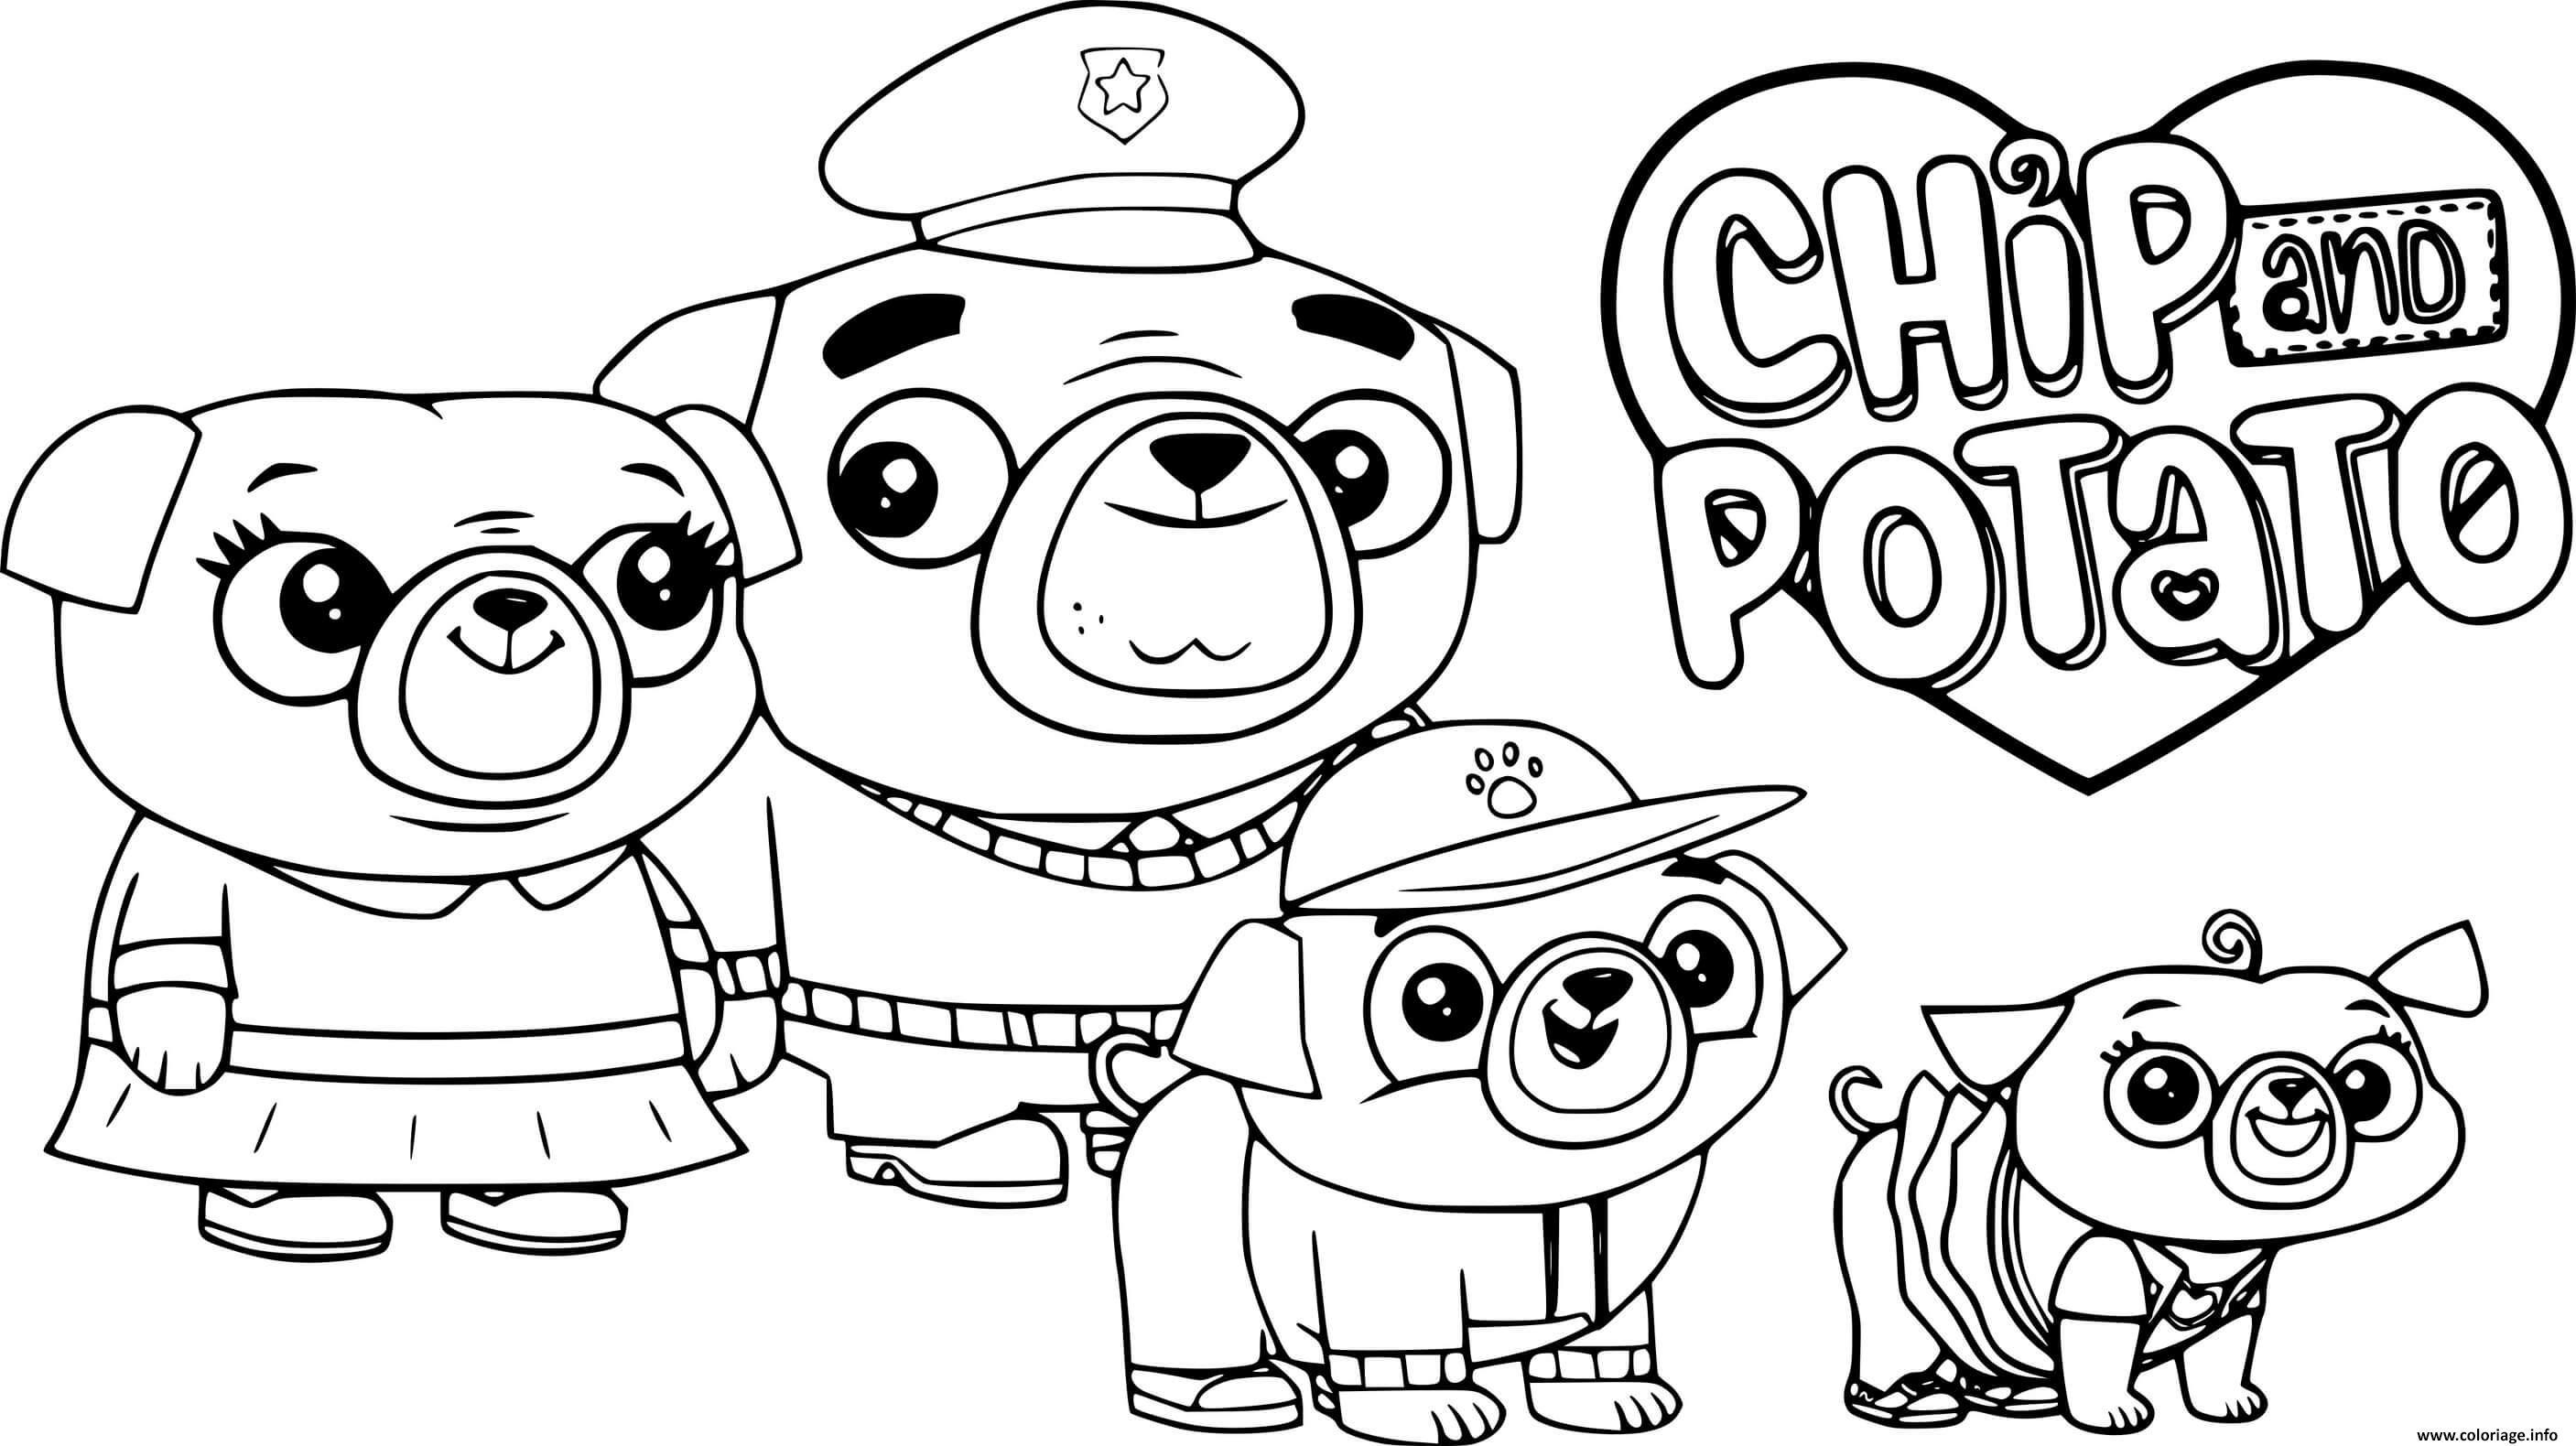 Dessin Chip Pug Family Coloriage Gratuit à Imprimer